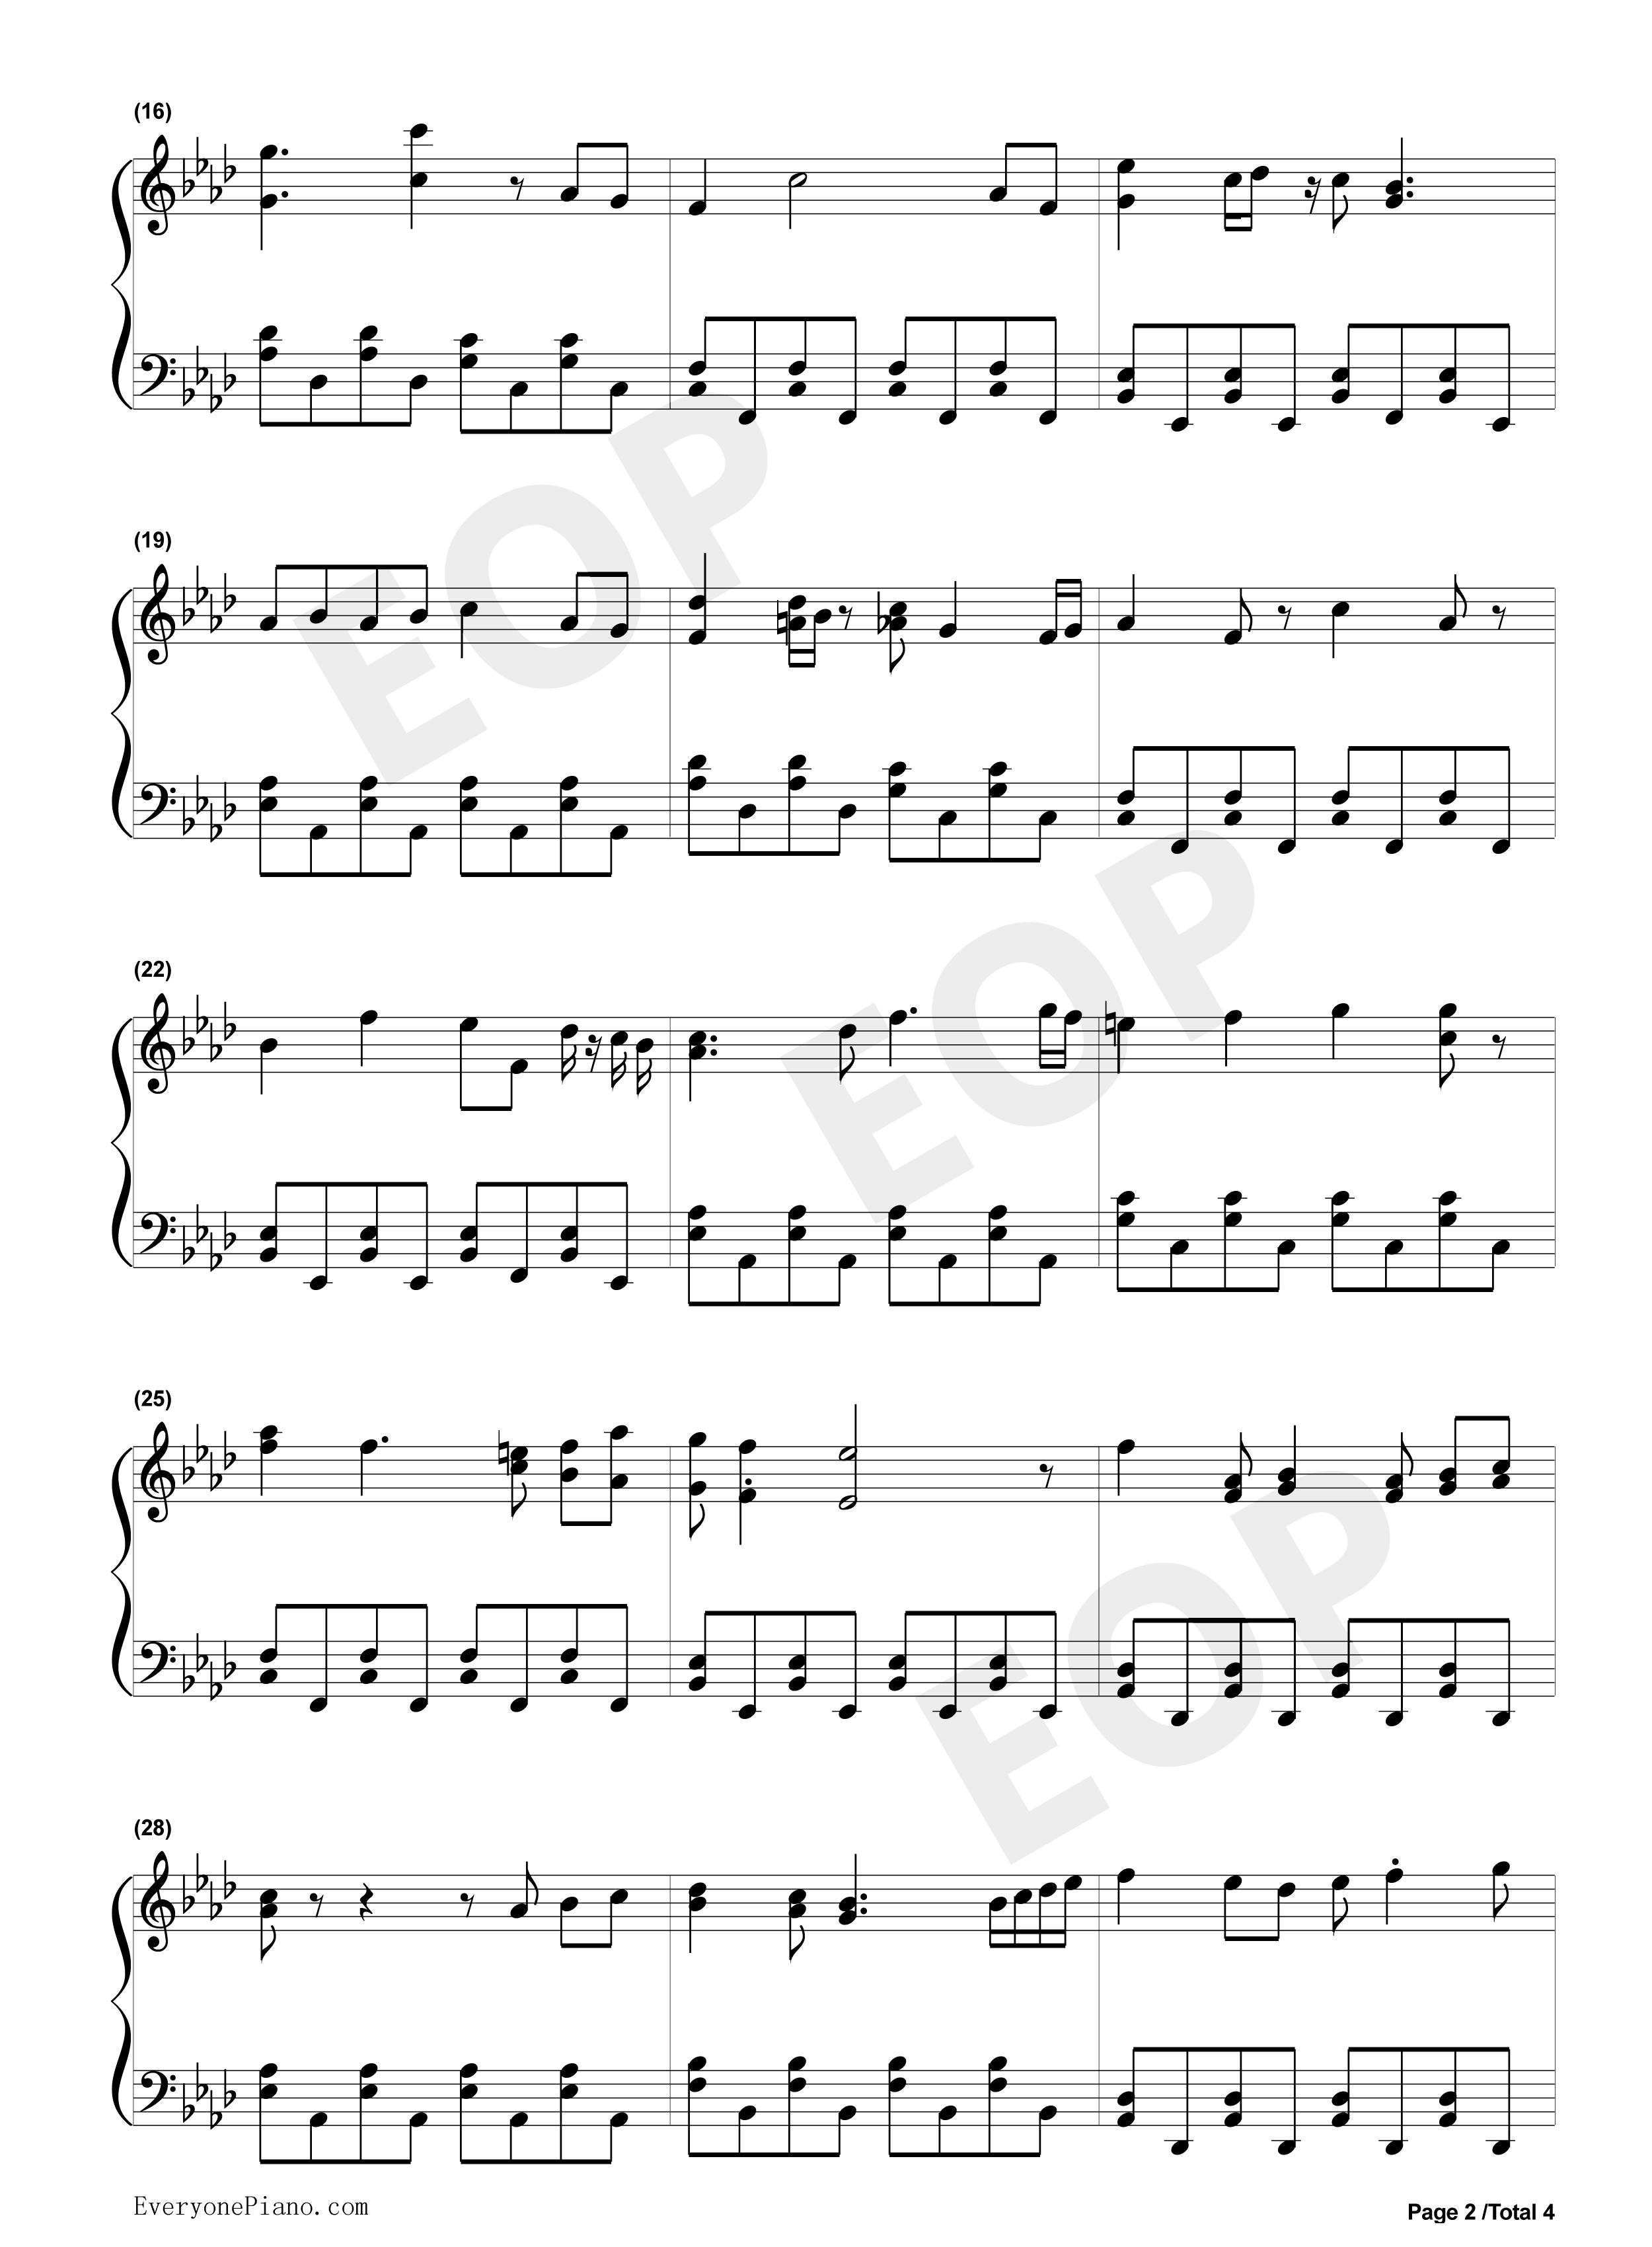 Sam stone lyrics chords